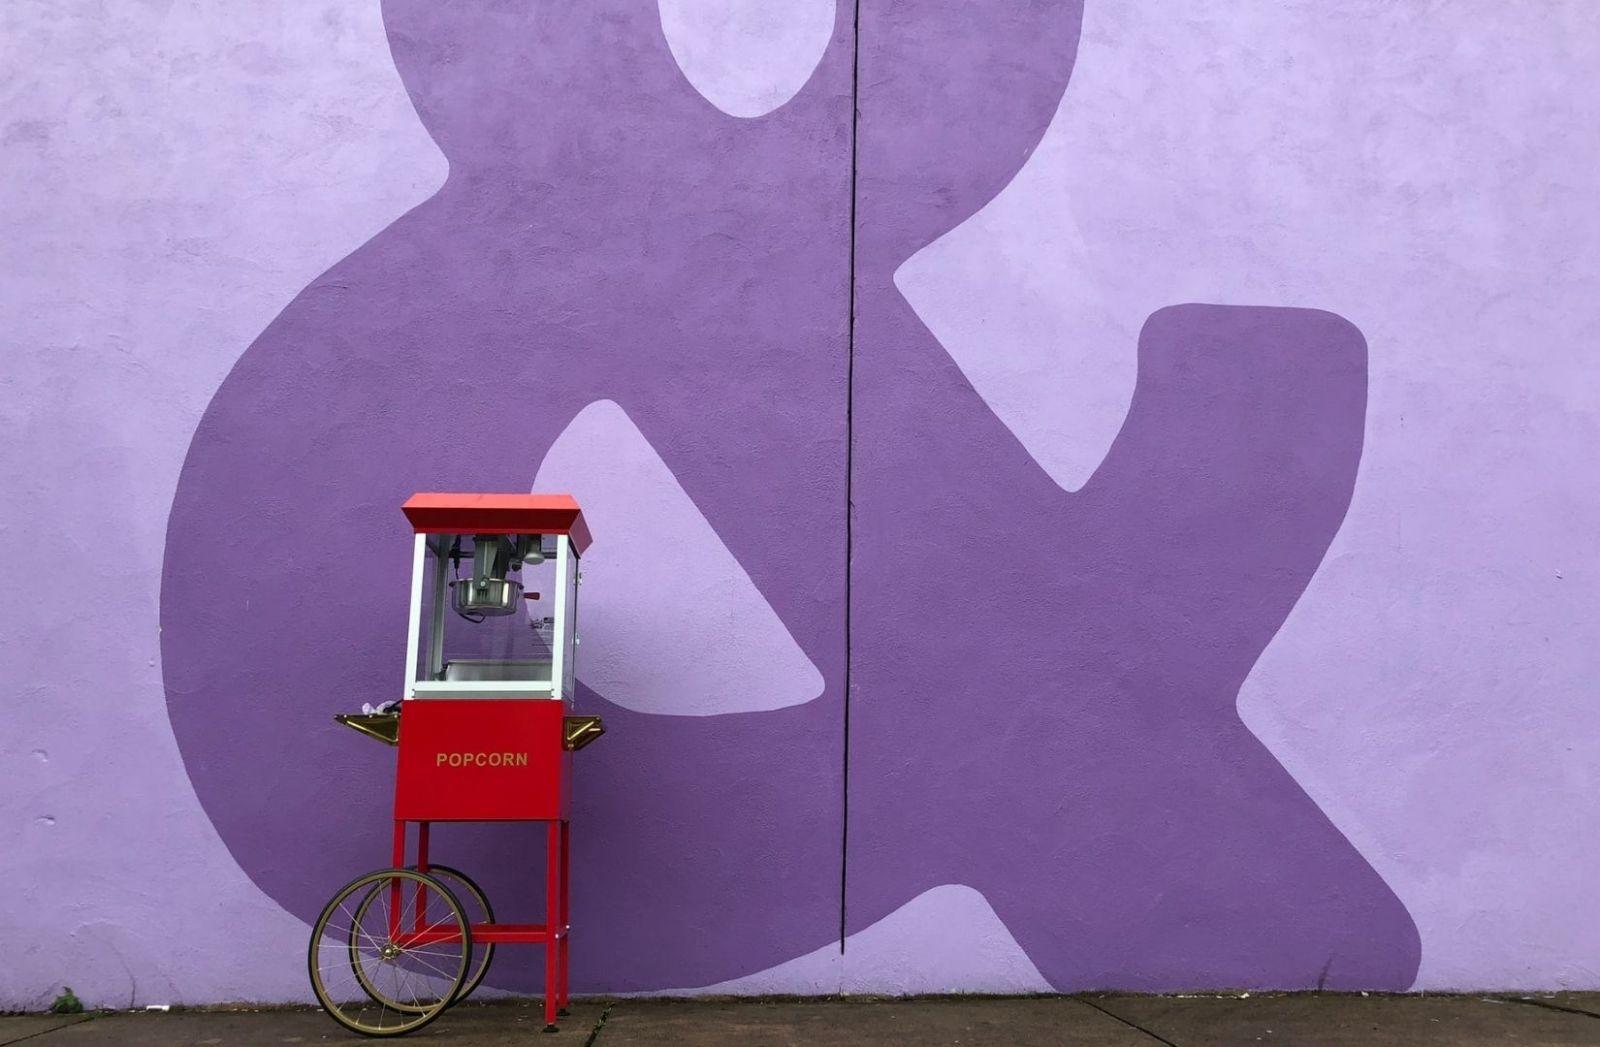 Popcorn Maschine. (Foto: Mark Wieder, Unsplash.com)